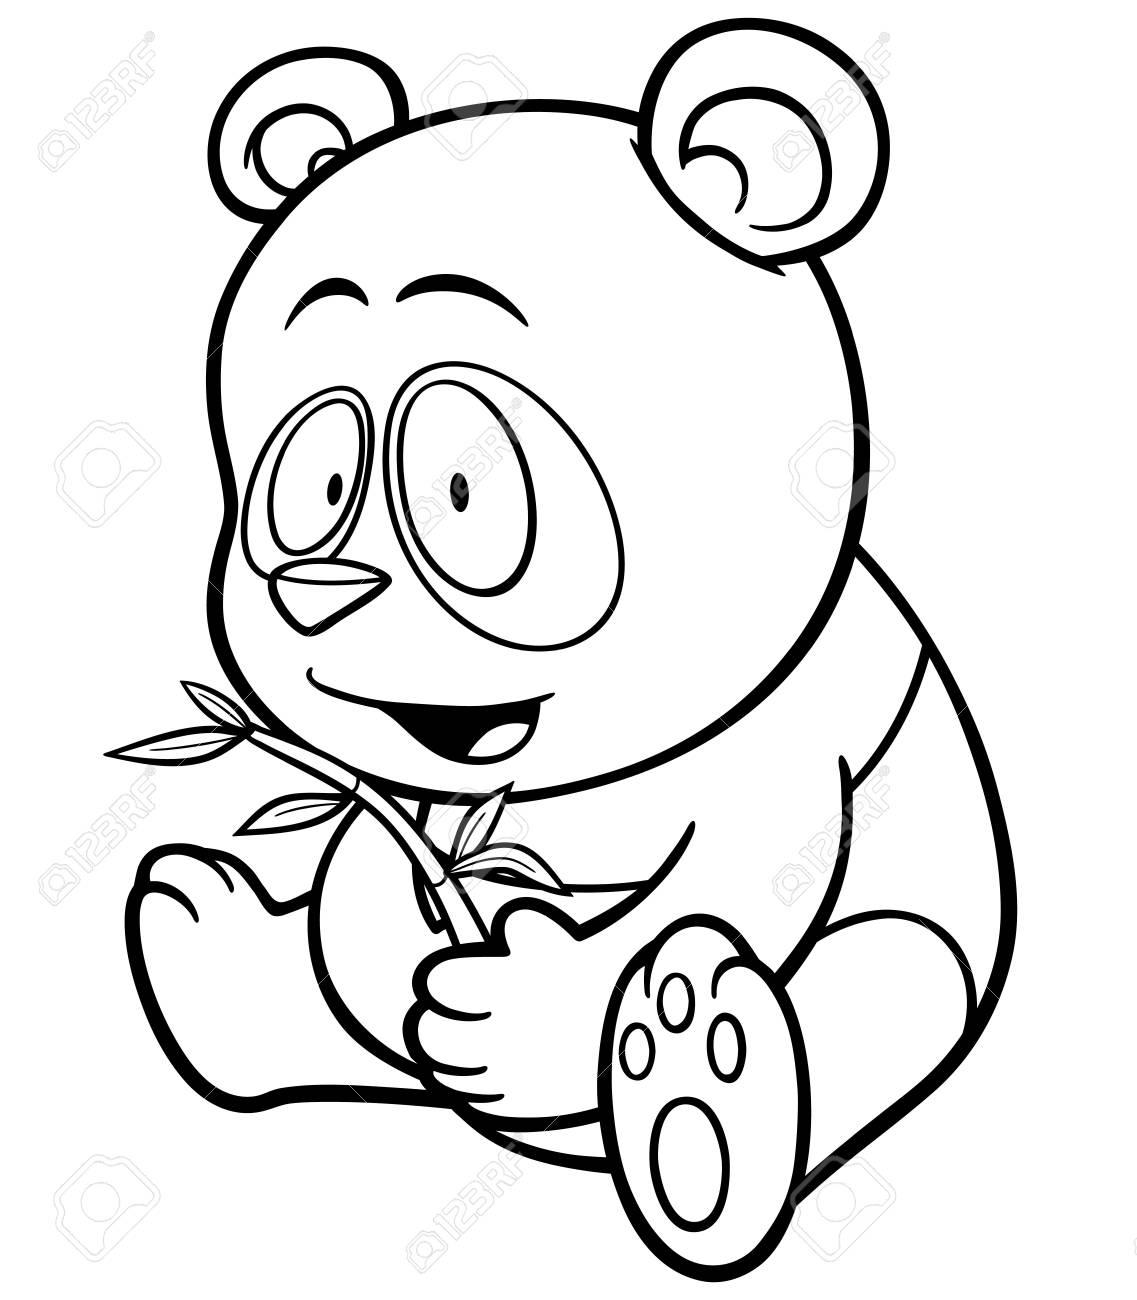 パンダ漫画 塗り絵のイラストのイラスト素材ベクタ Image 52096325